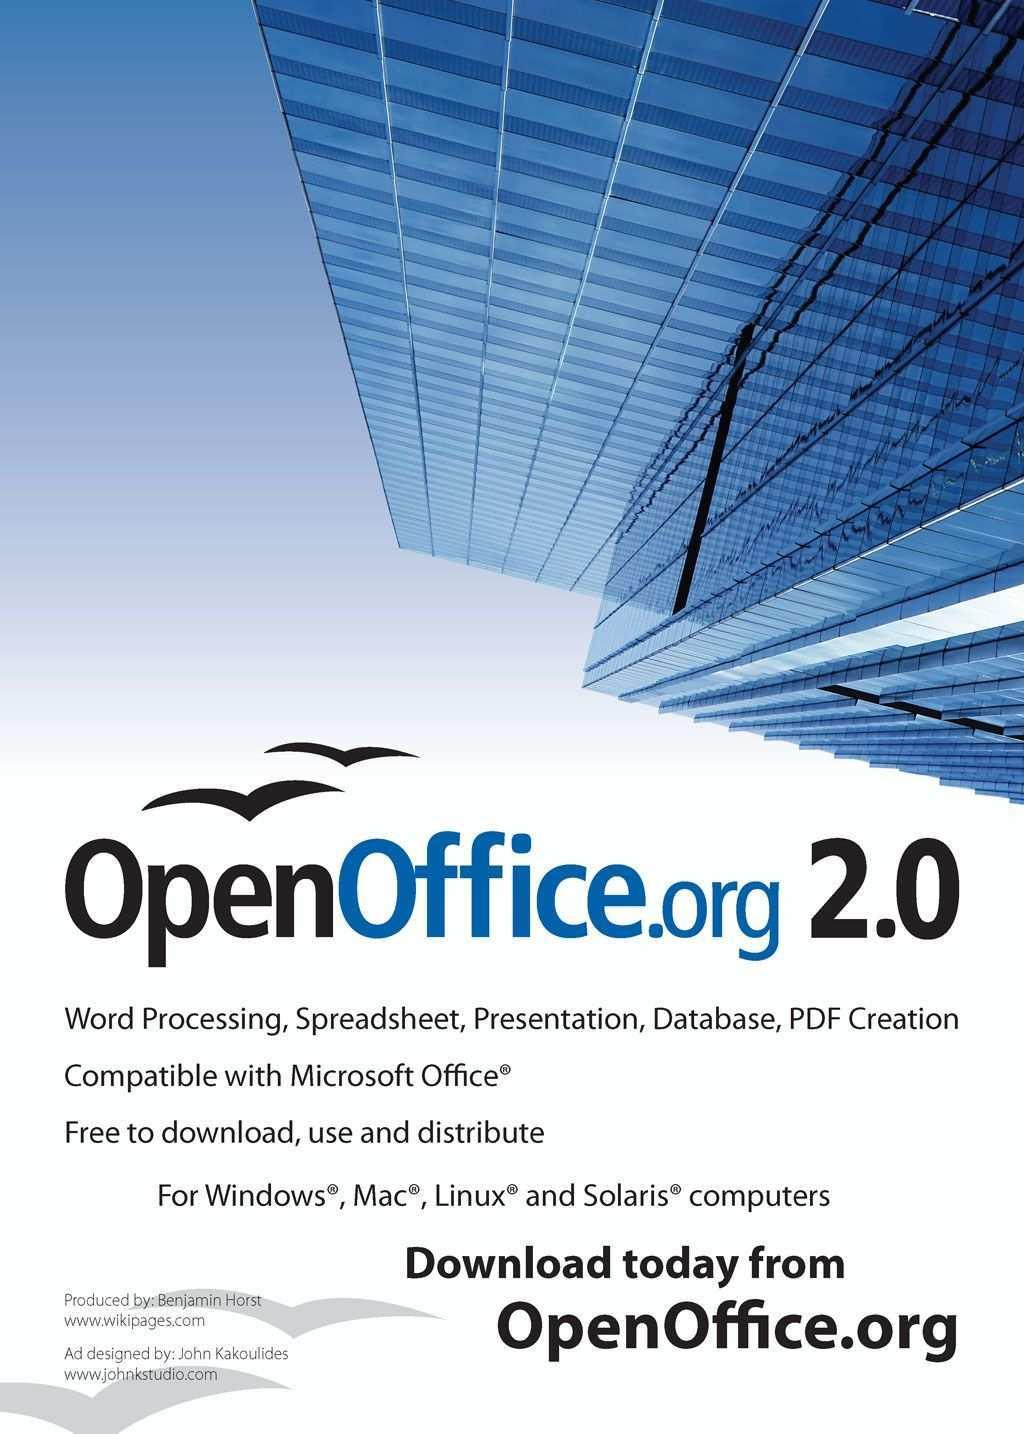 Open Office Spreadsheet Tutorial Pdf In 2020 Spreadsheet Tutorial Pdf